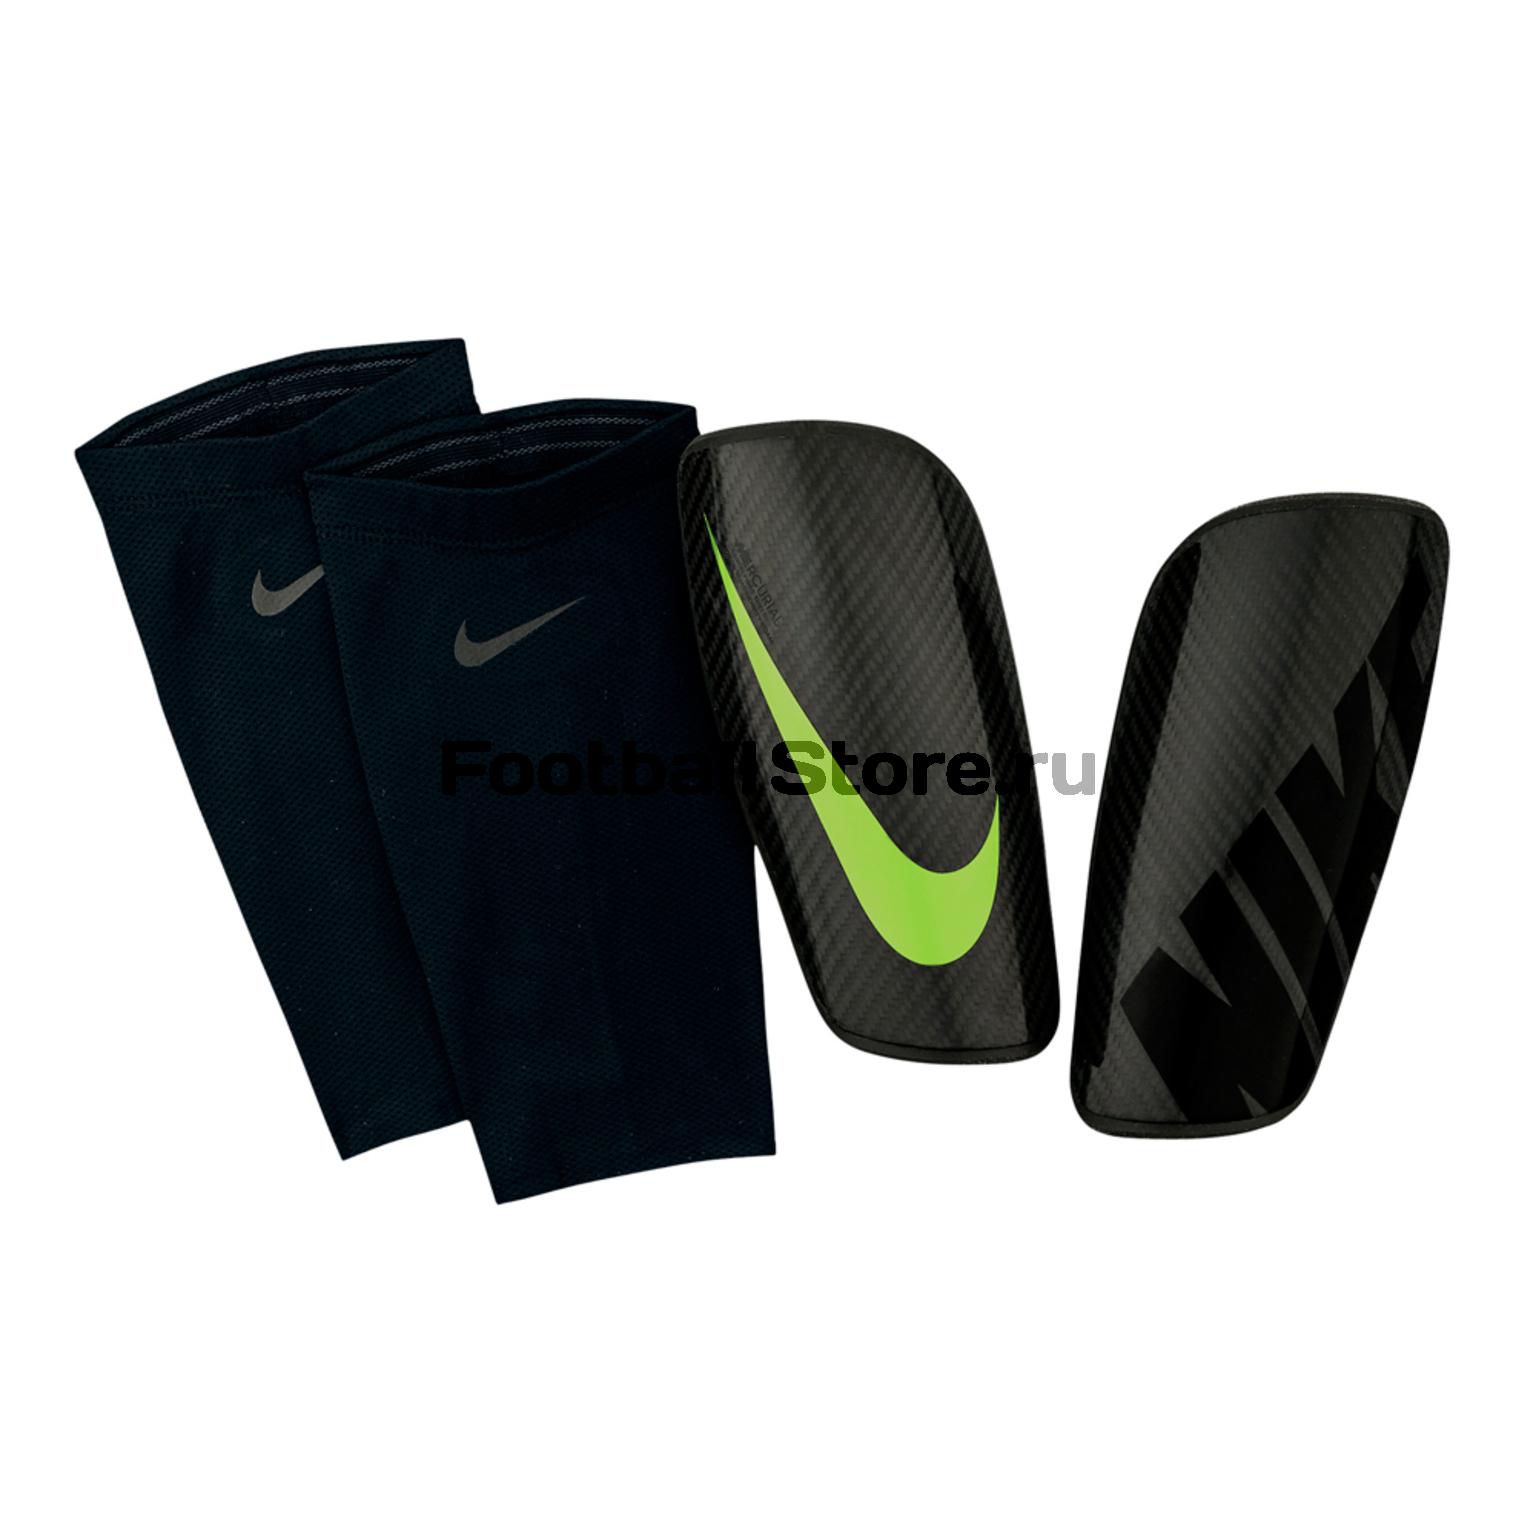 Защита ног Nike Щитки футбольные Nike Mercurial Blade SP0265-005